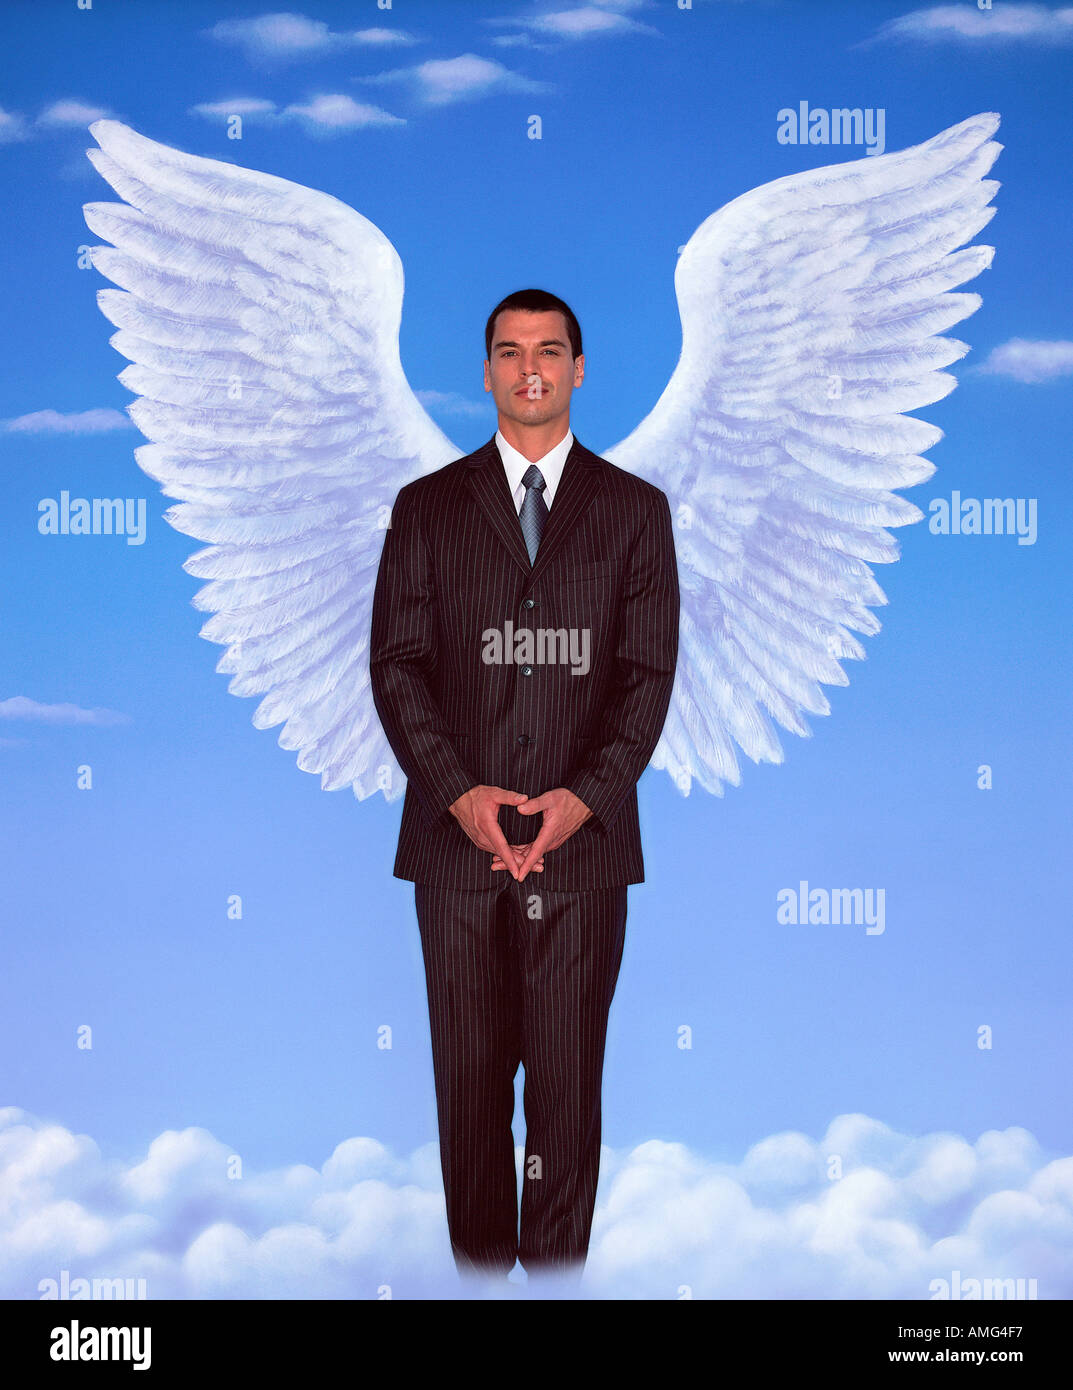 Un portrait de jeune homme dans un costume d'affaires et des ailes contre le ciel bleu Photo Stock